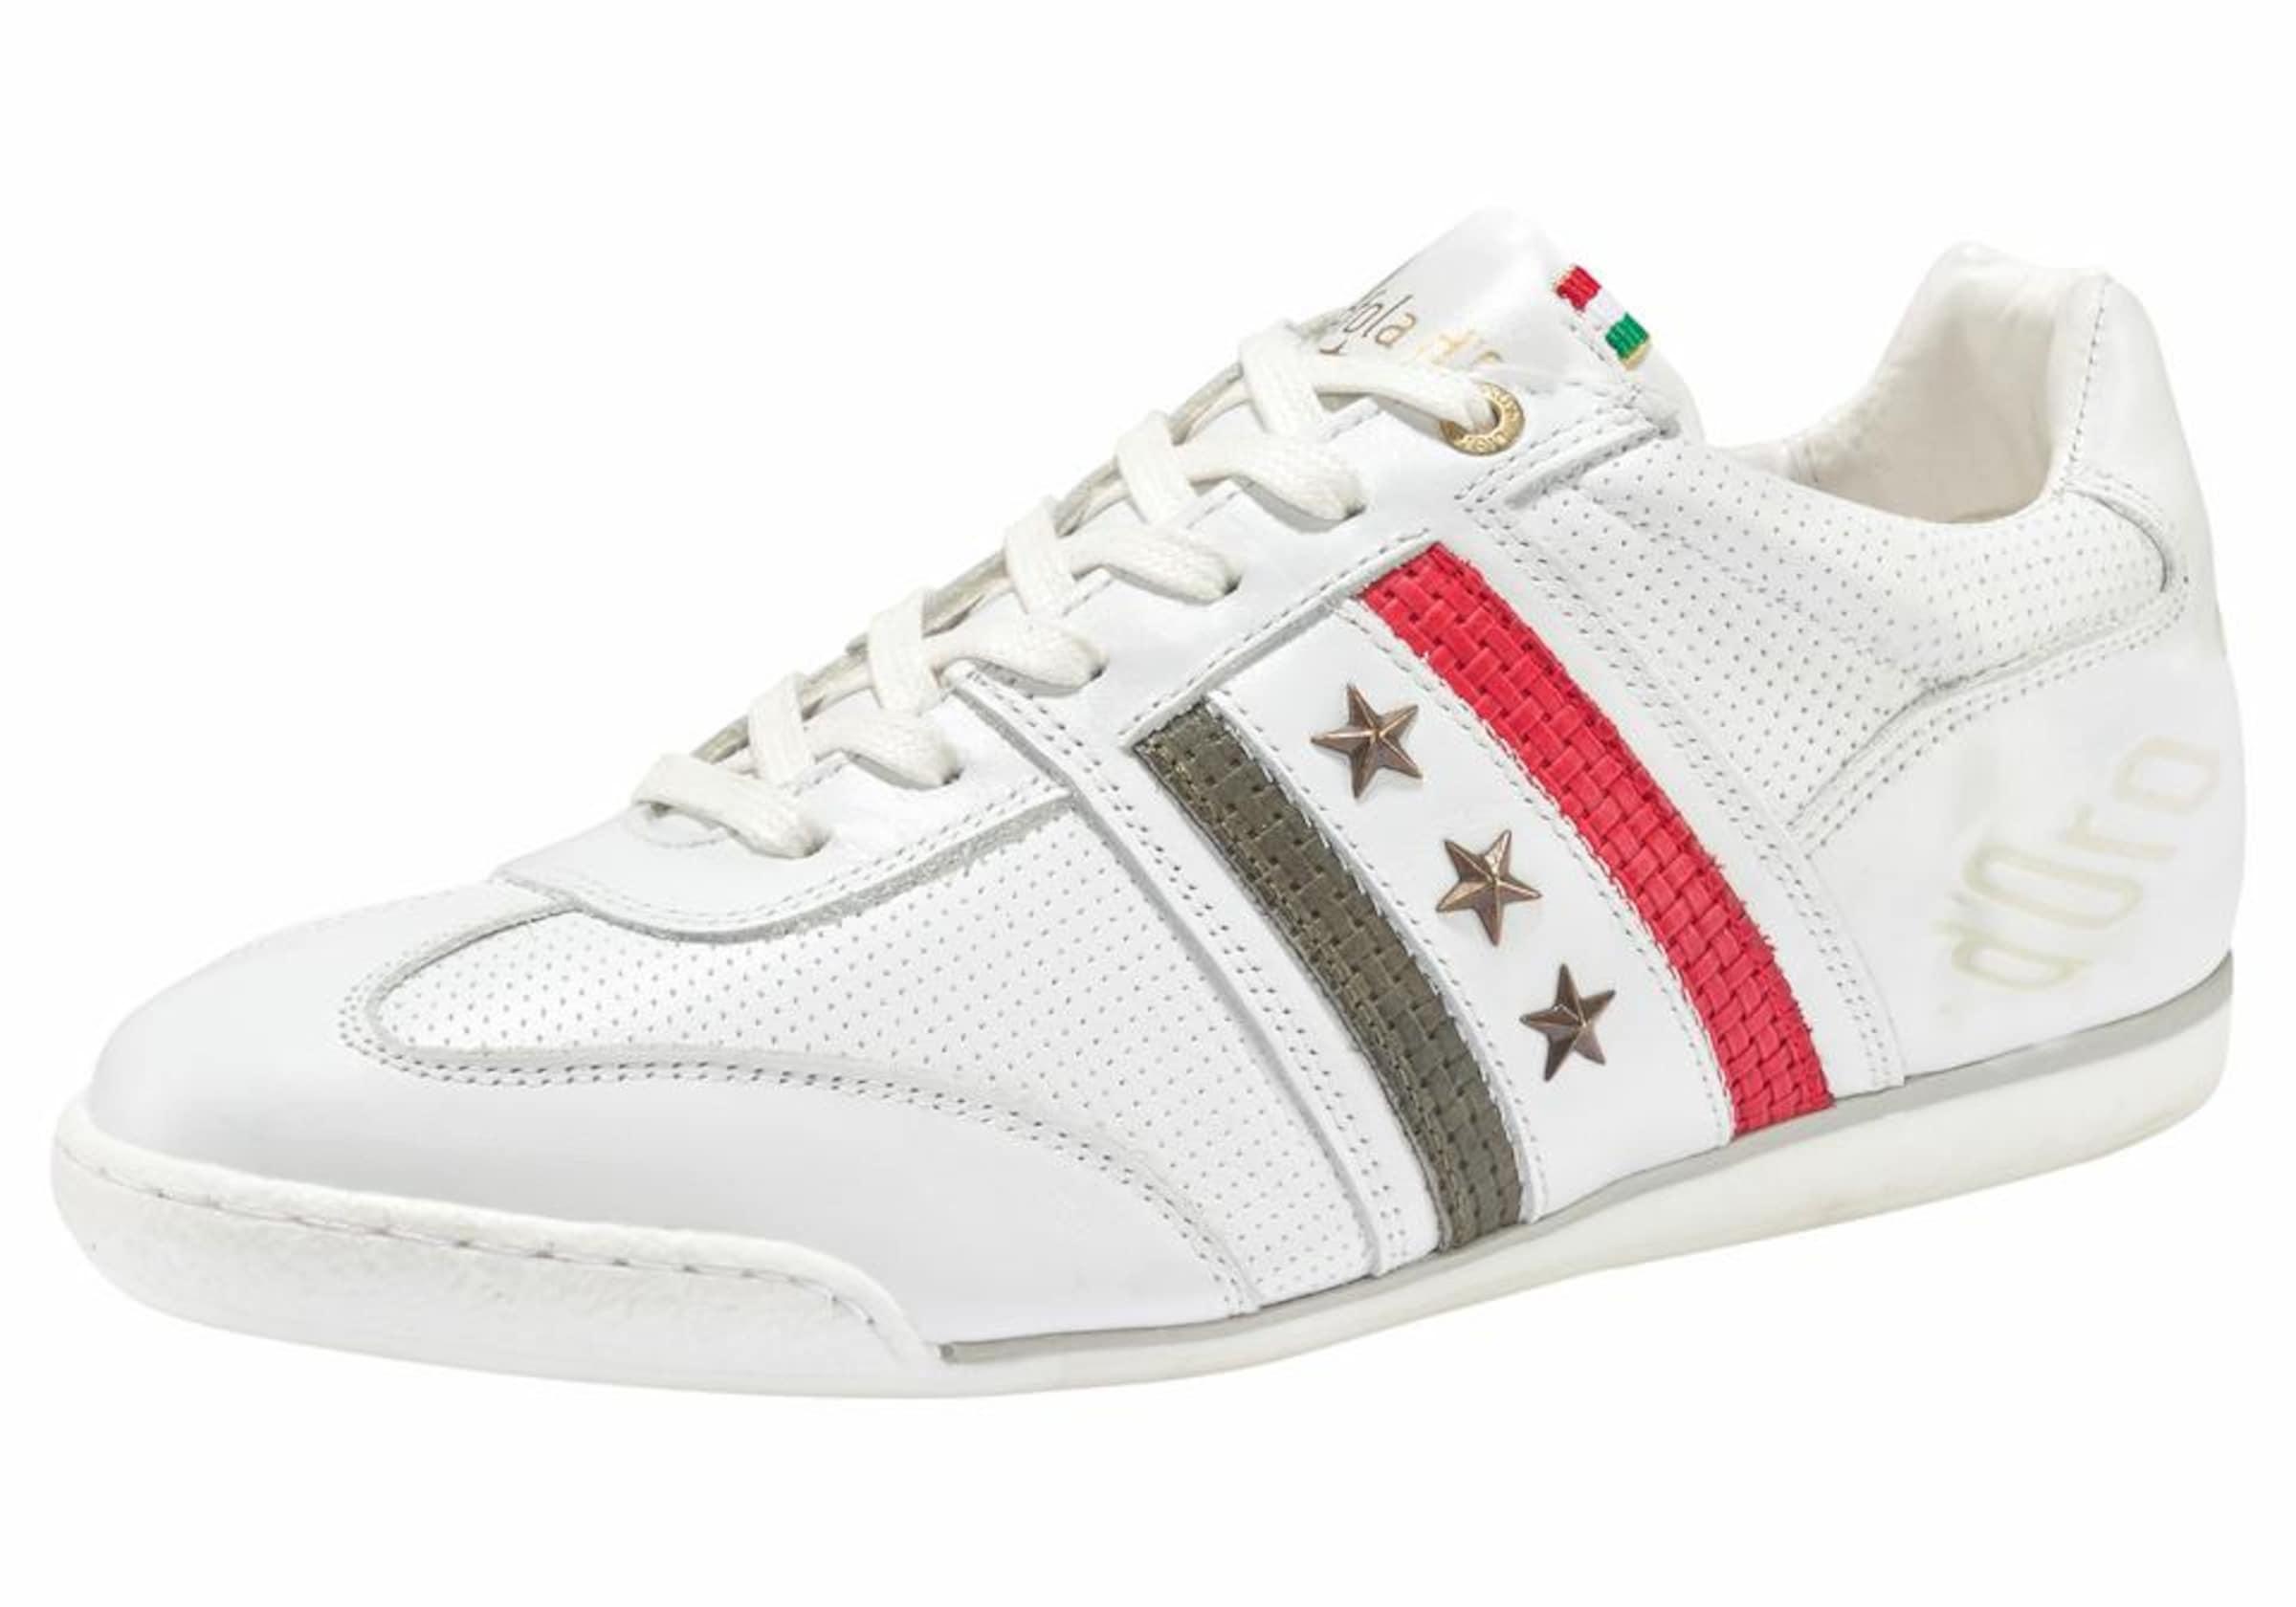 PANTOFOLA D ORO Sneaker  Imola Romagna Low